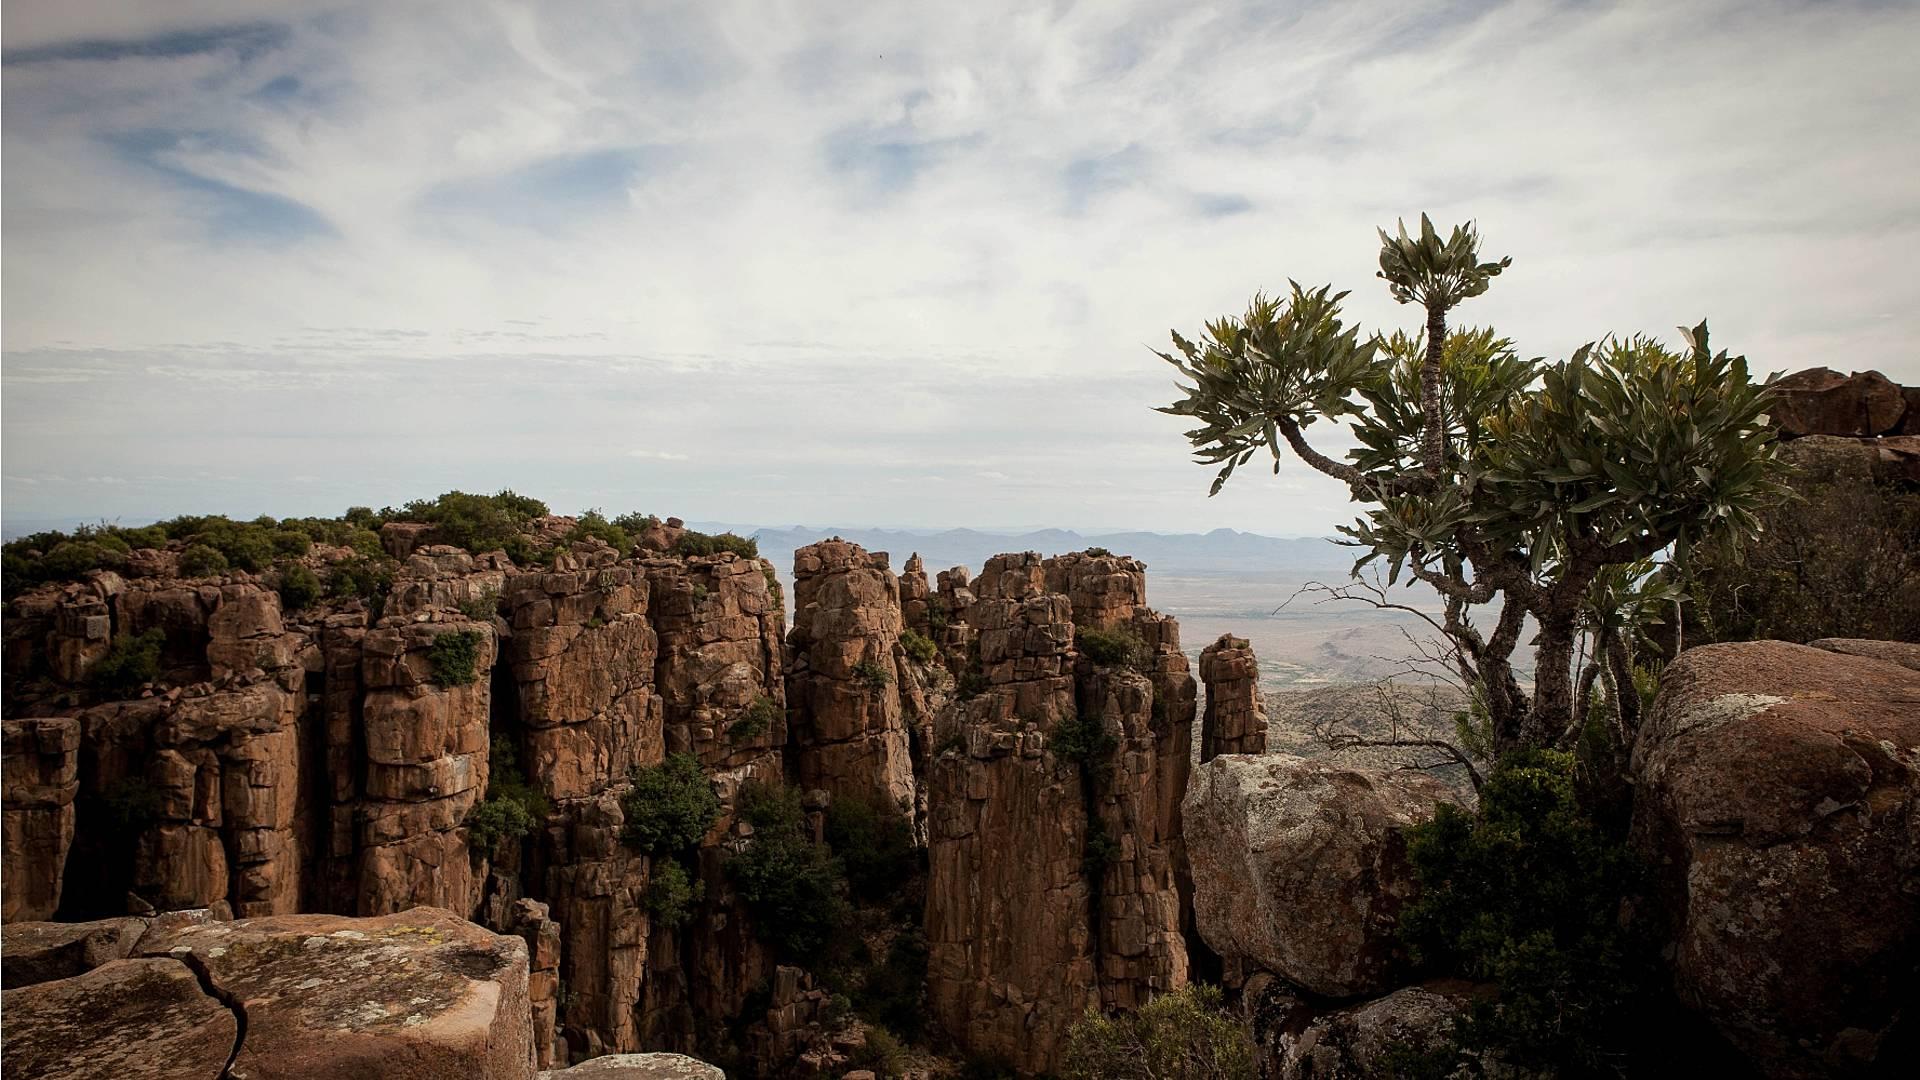 Die weiten, stillen Landschaften des Northern Cape und die Karoo